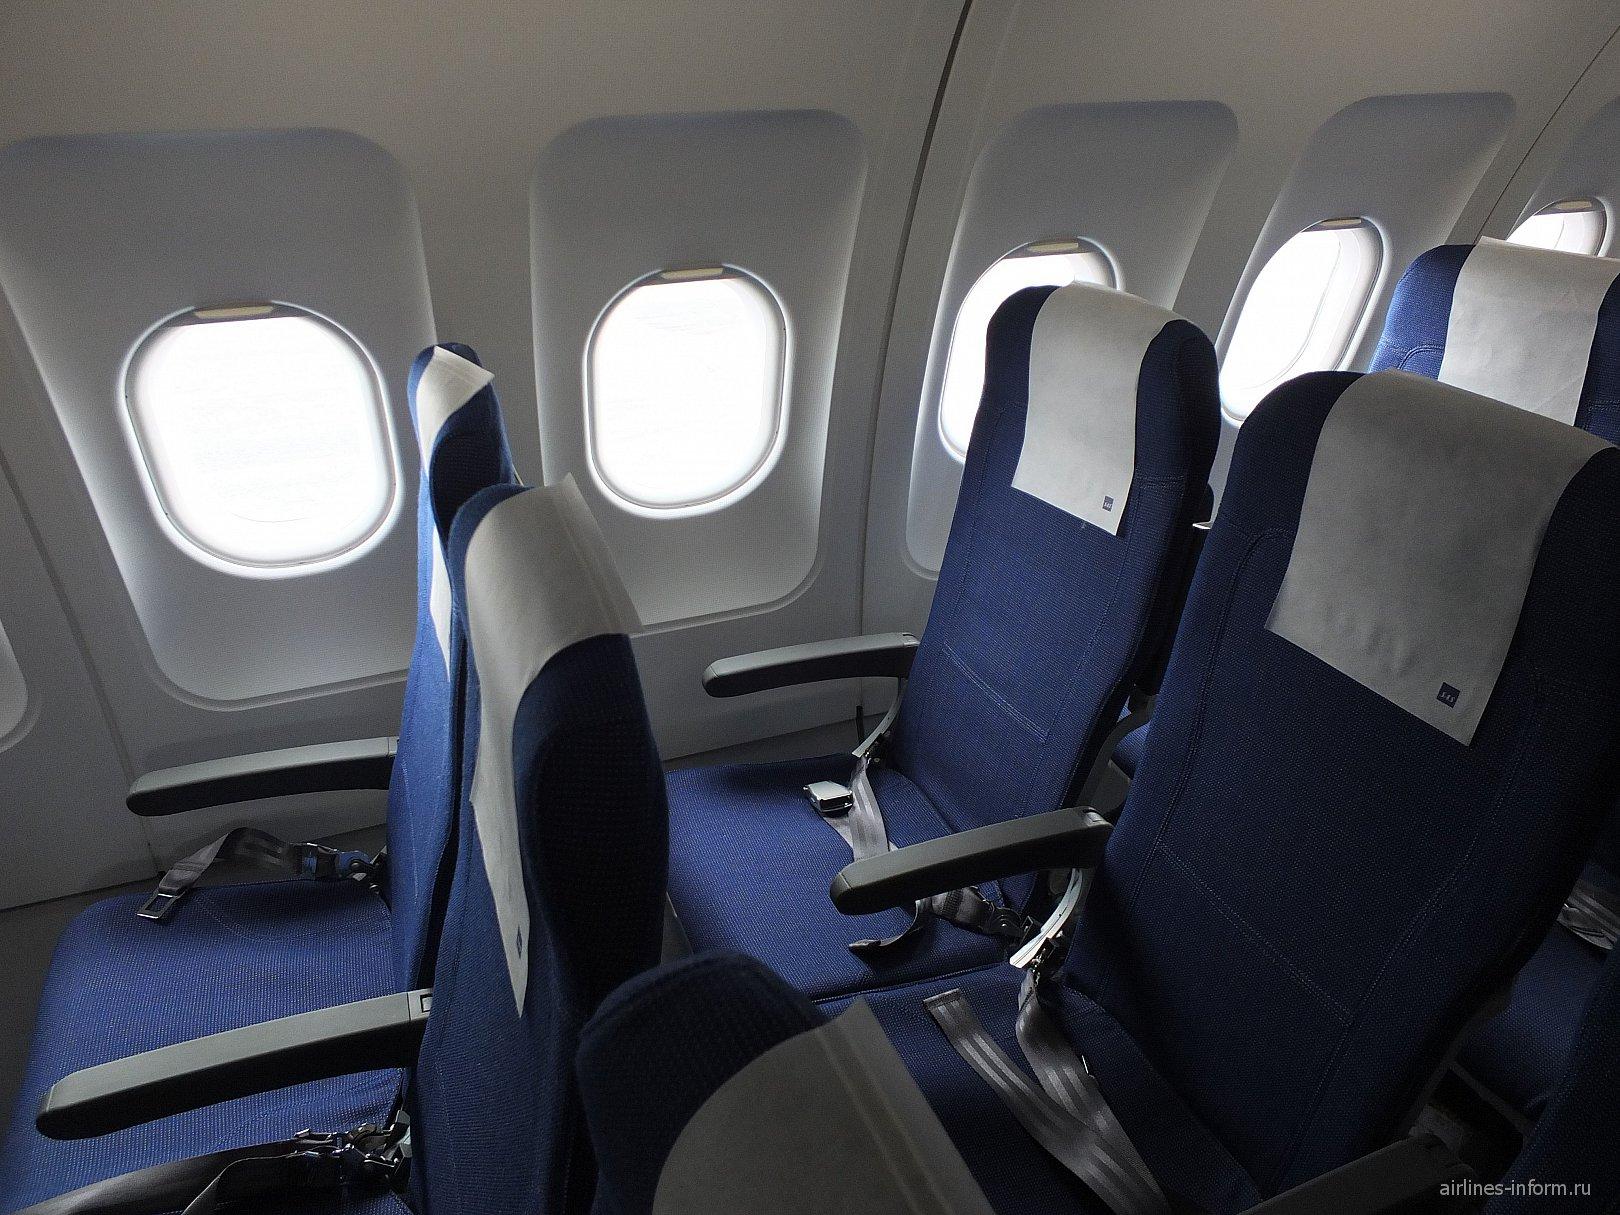 Пассажирские кресла в самолете Airbus A320 авиакомпании SAS